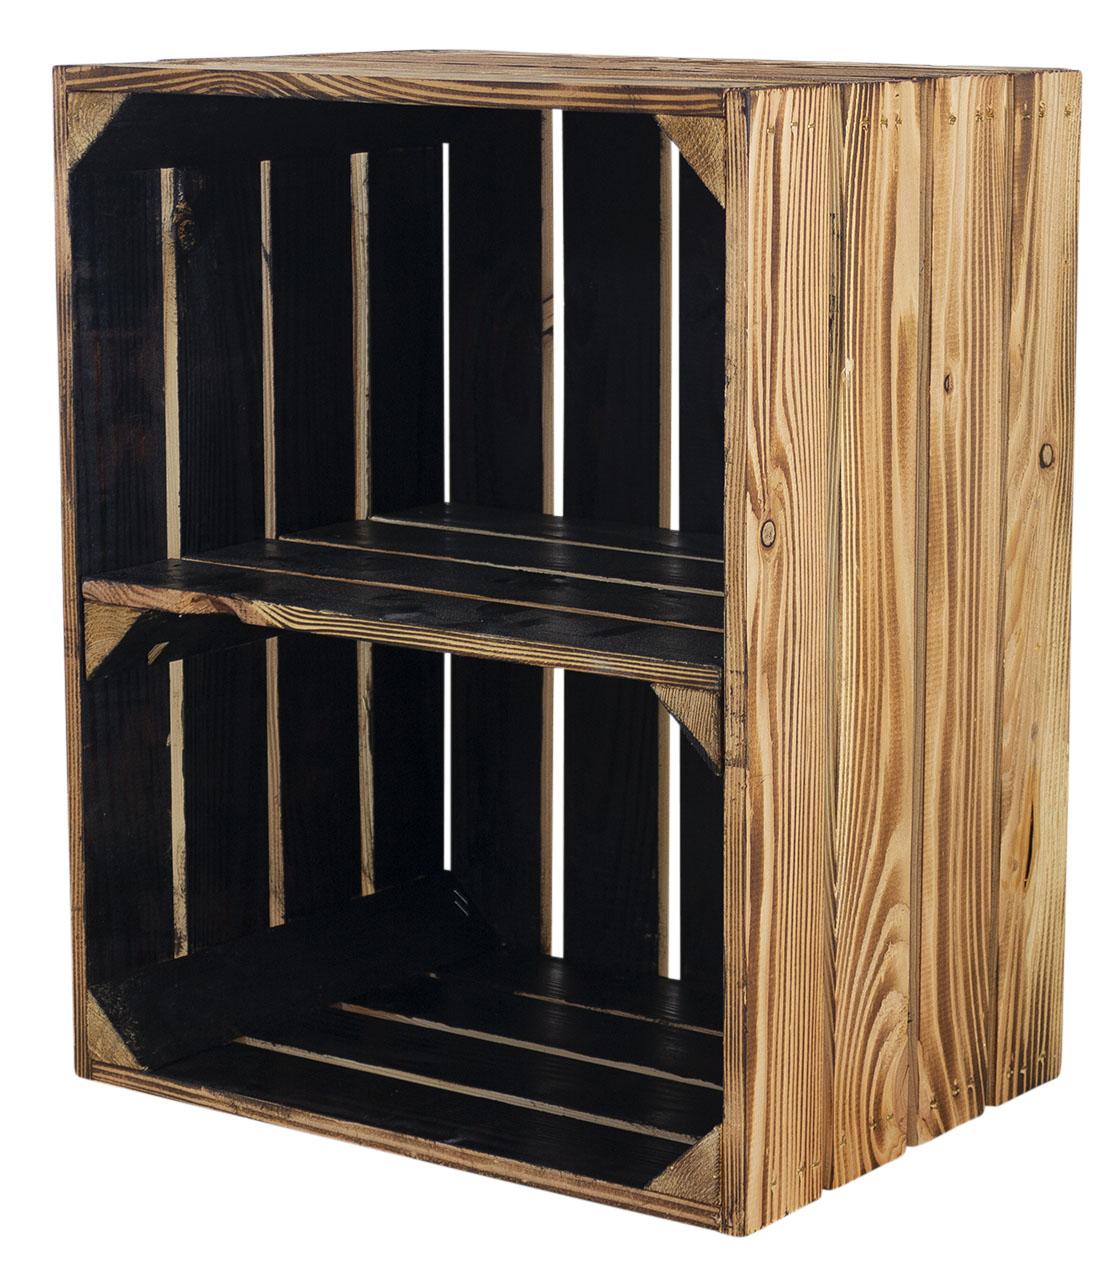 Holzkiste mit Mittelbrett quer - außen geflammt innen schwarz 50x40x30cm